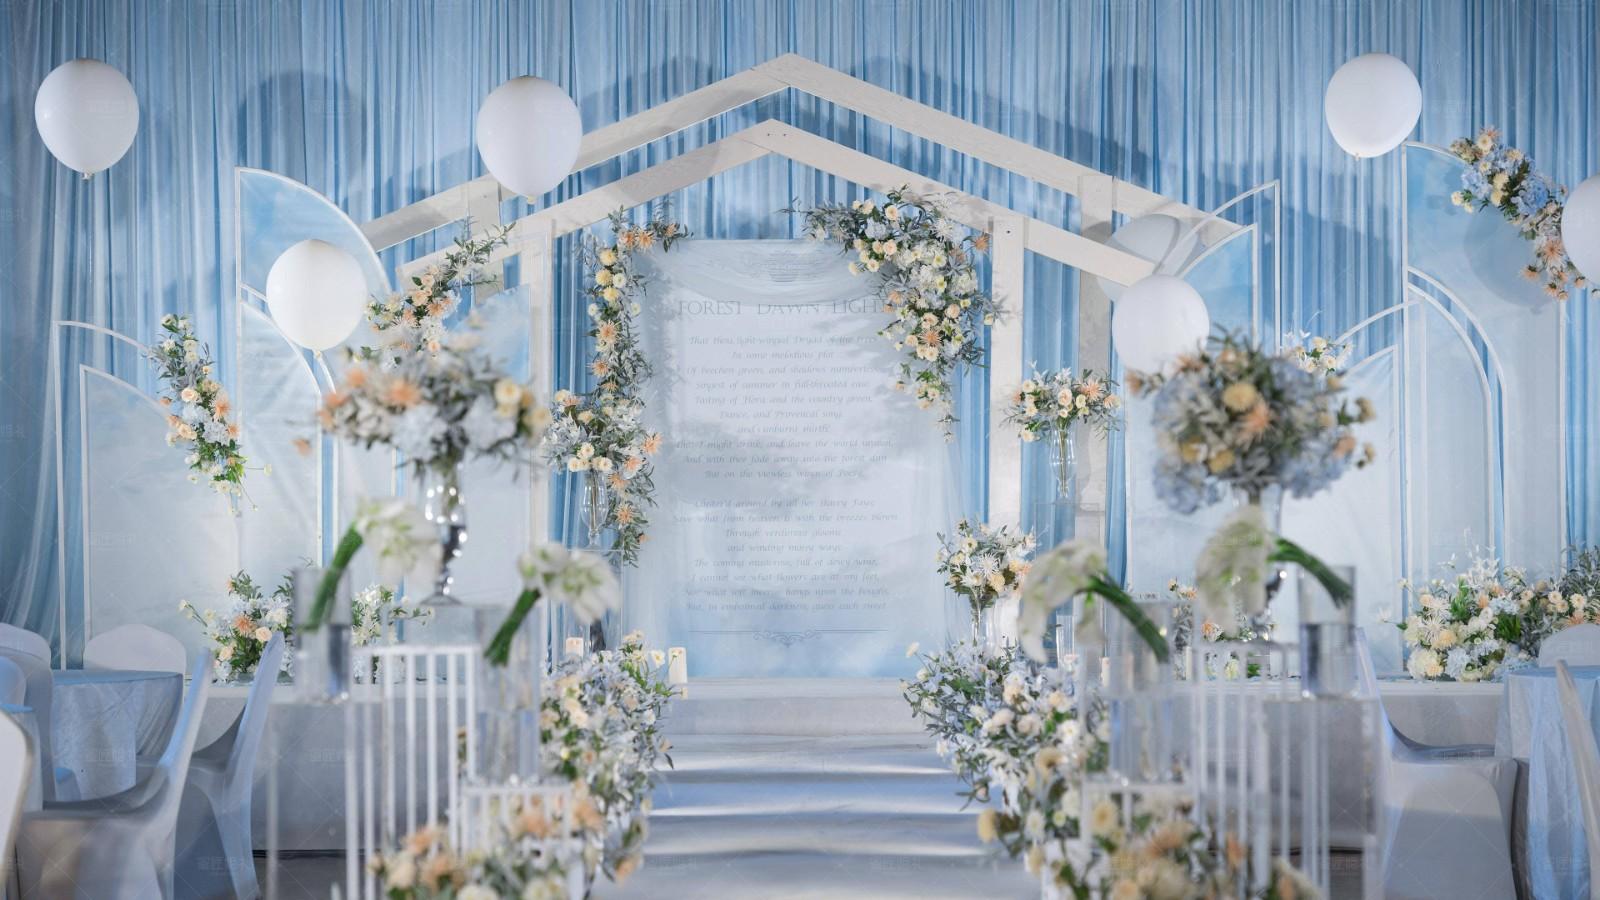 云朵婚礼主题